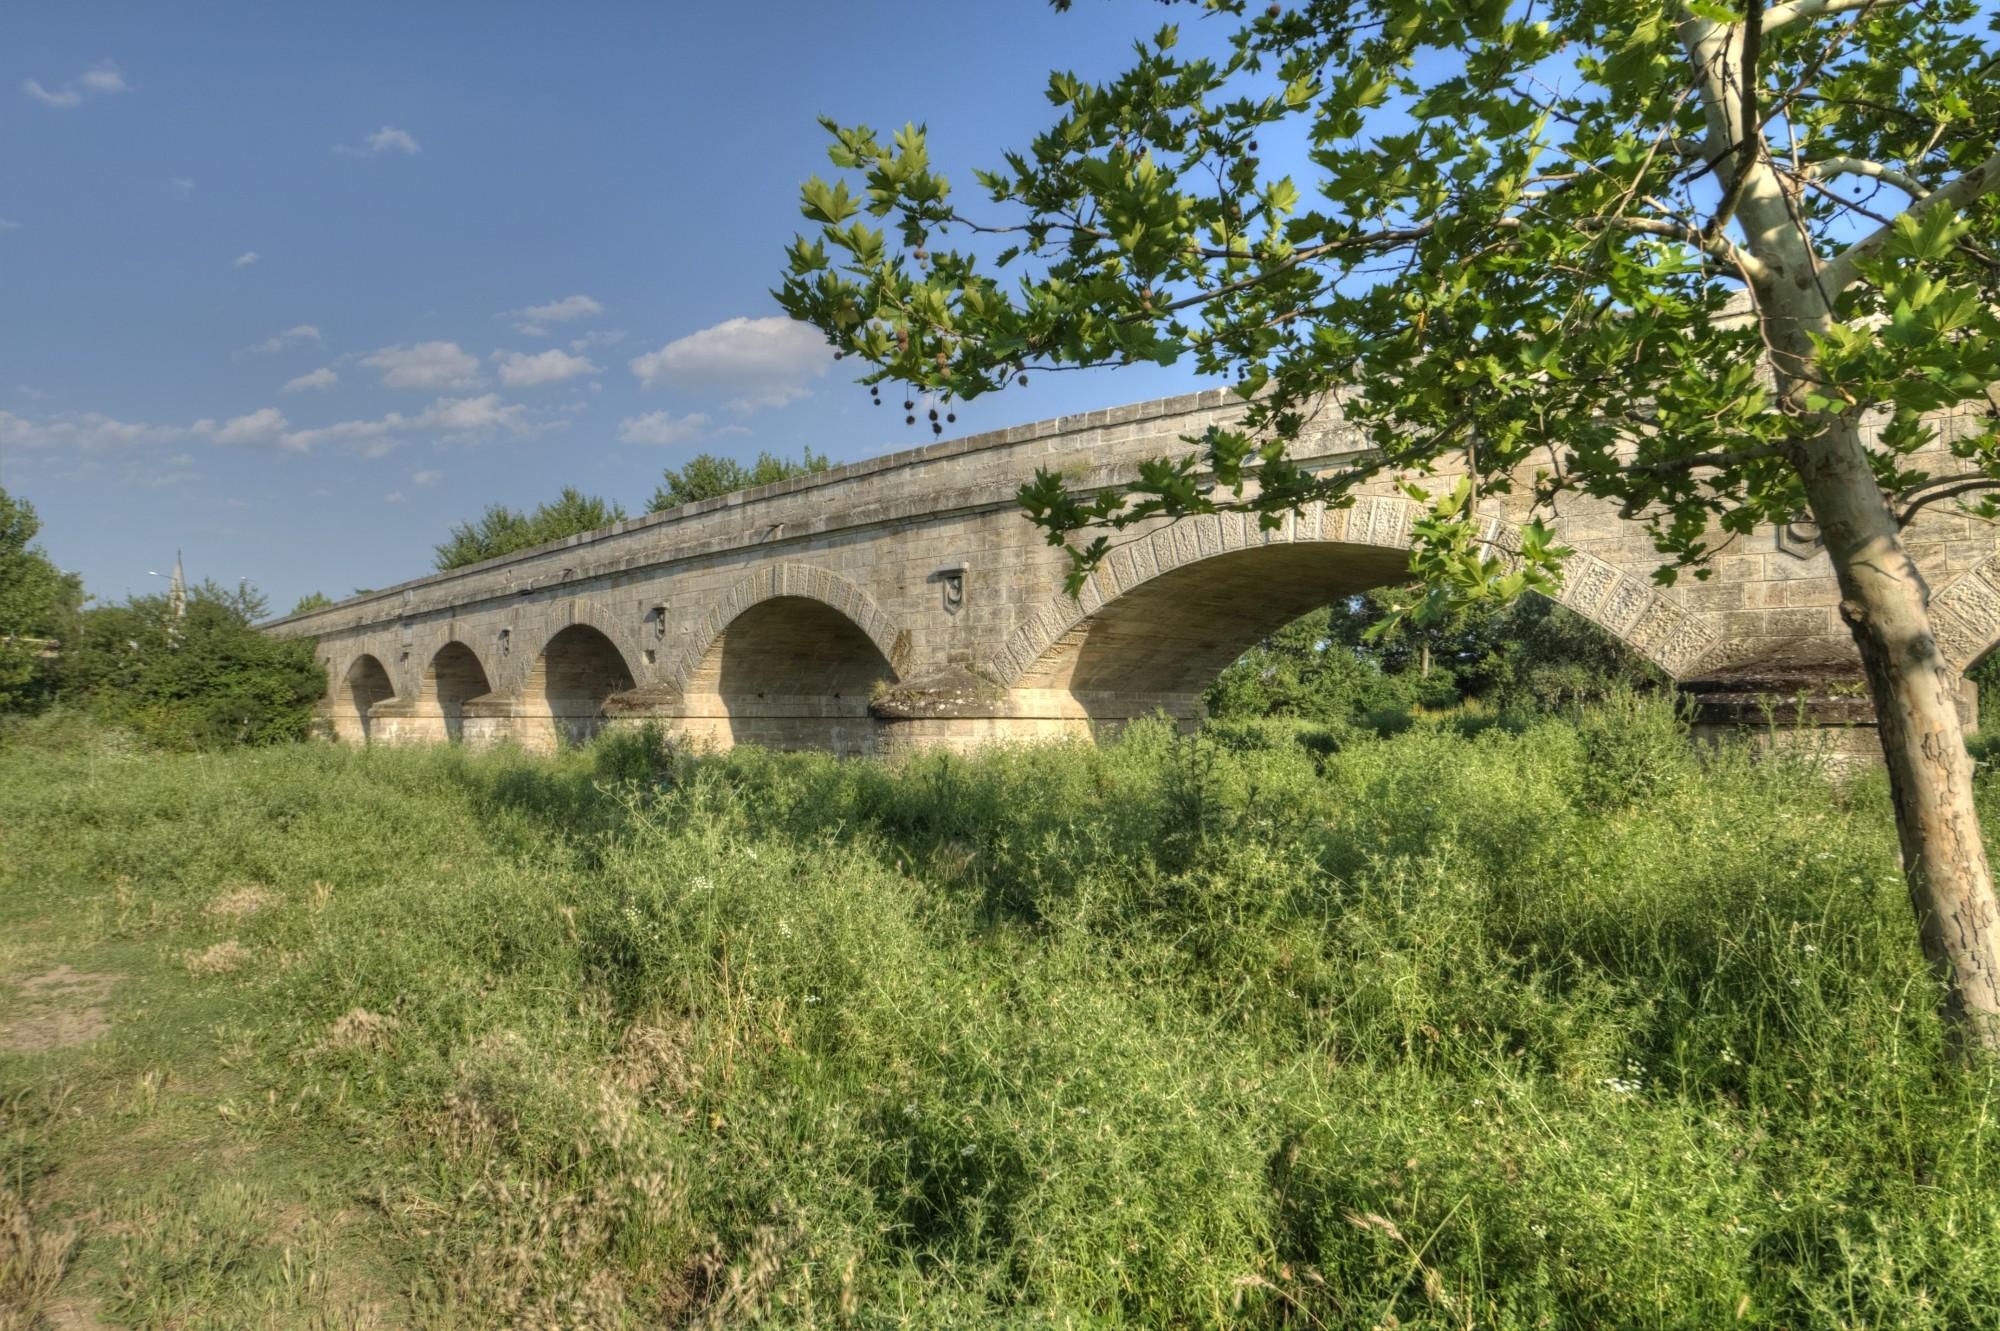 Gazi Mihal Bridge in Edirne